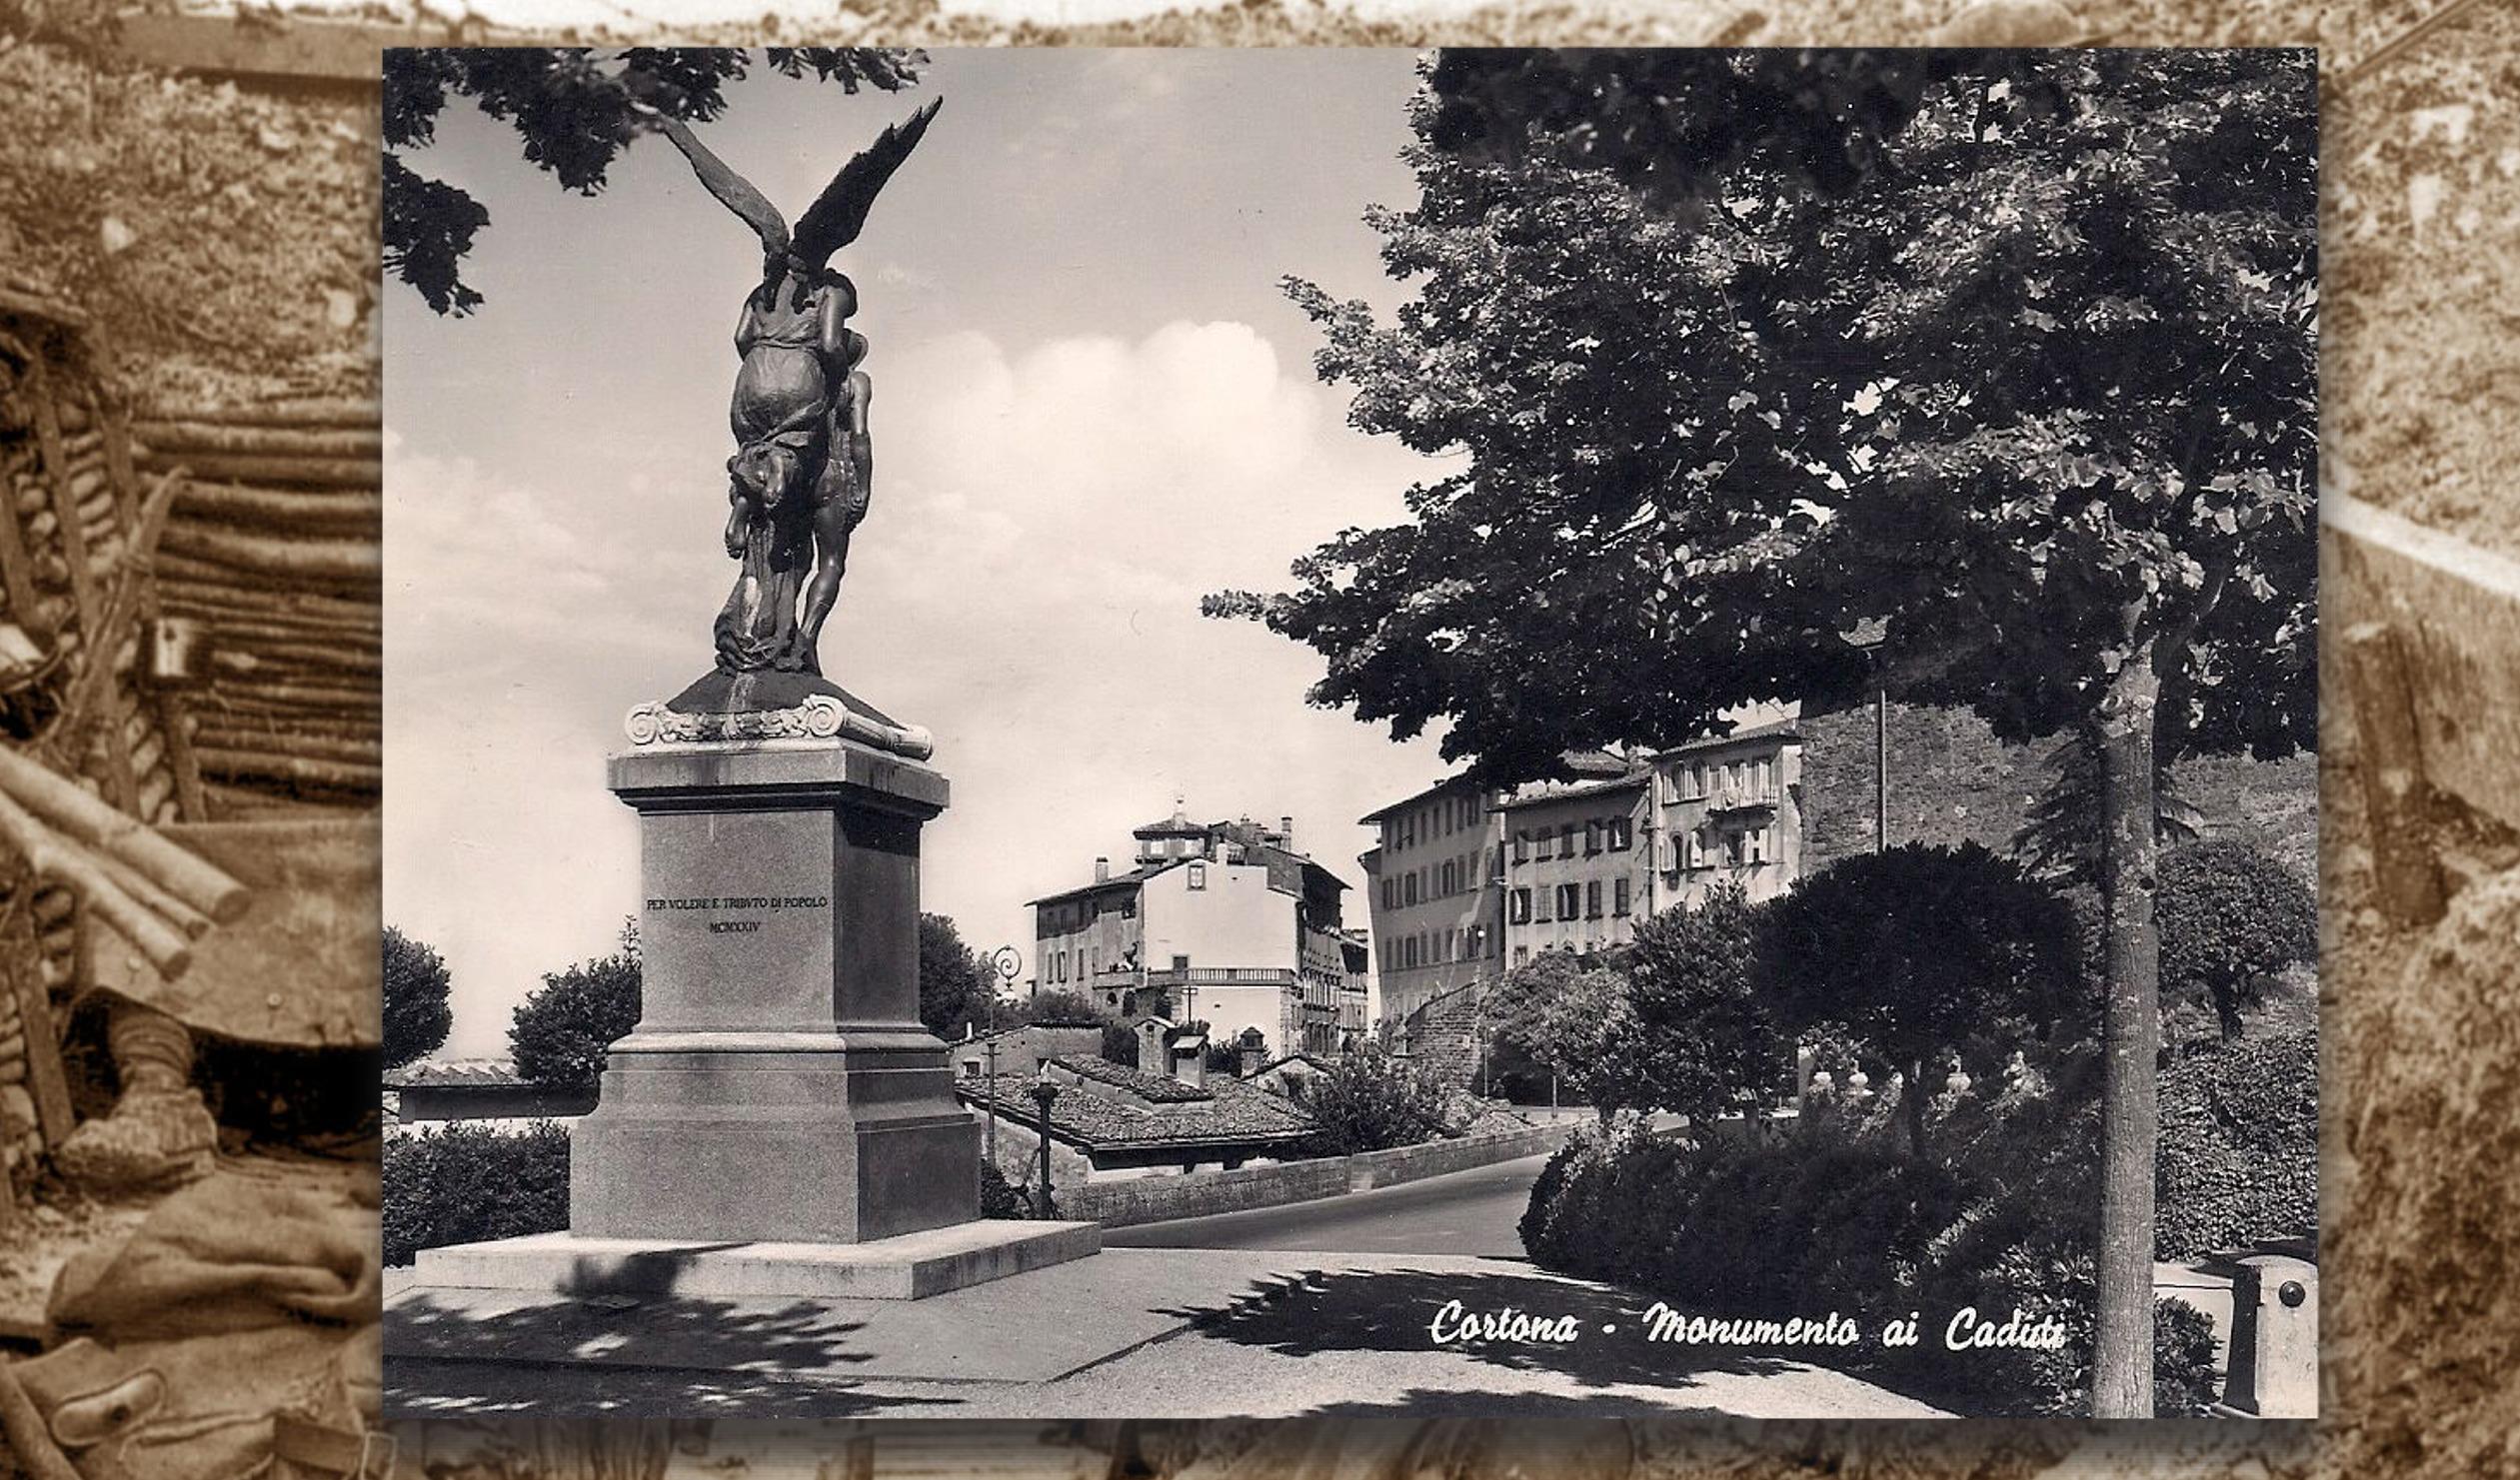 4 Novembre 2018: Cortona ricorda i suoi Caduti a cent'anni di distanza dalla fine della Prima Guerra Mondiale